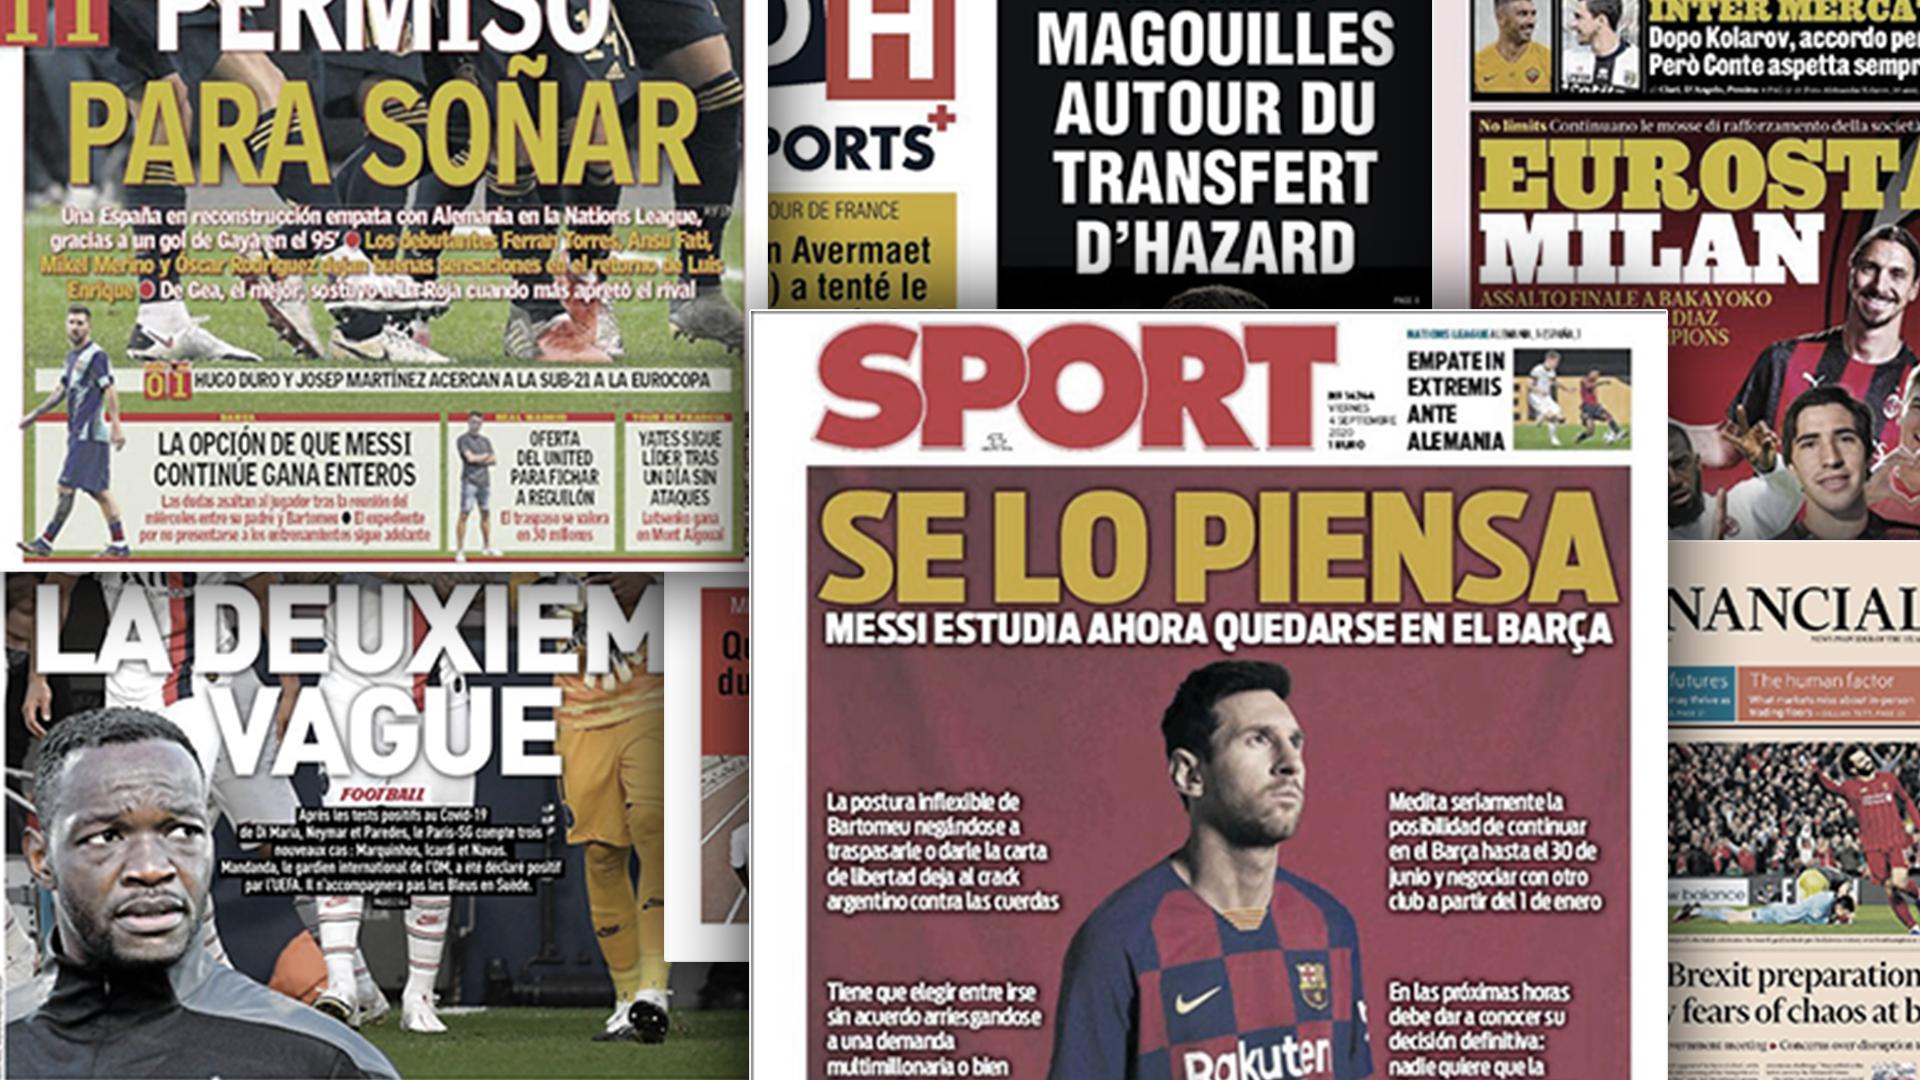 Le plan de Ronald Koeman pour Ousmane Dembélé, rebondissement inattendu pour l'avenir de Luis Suárez